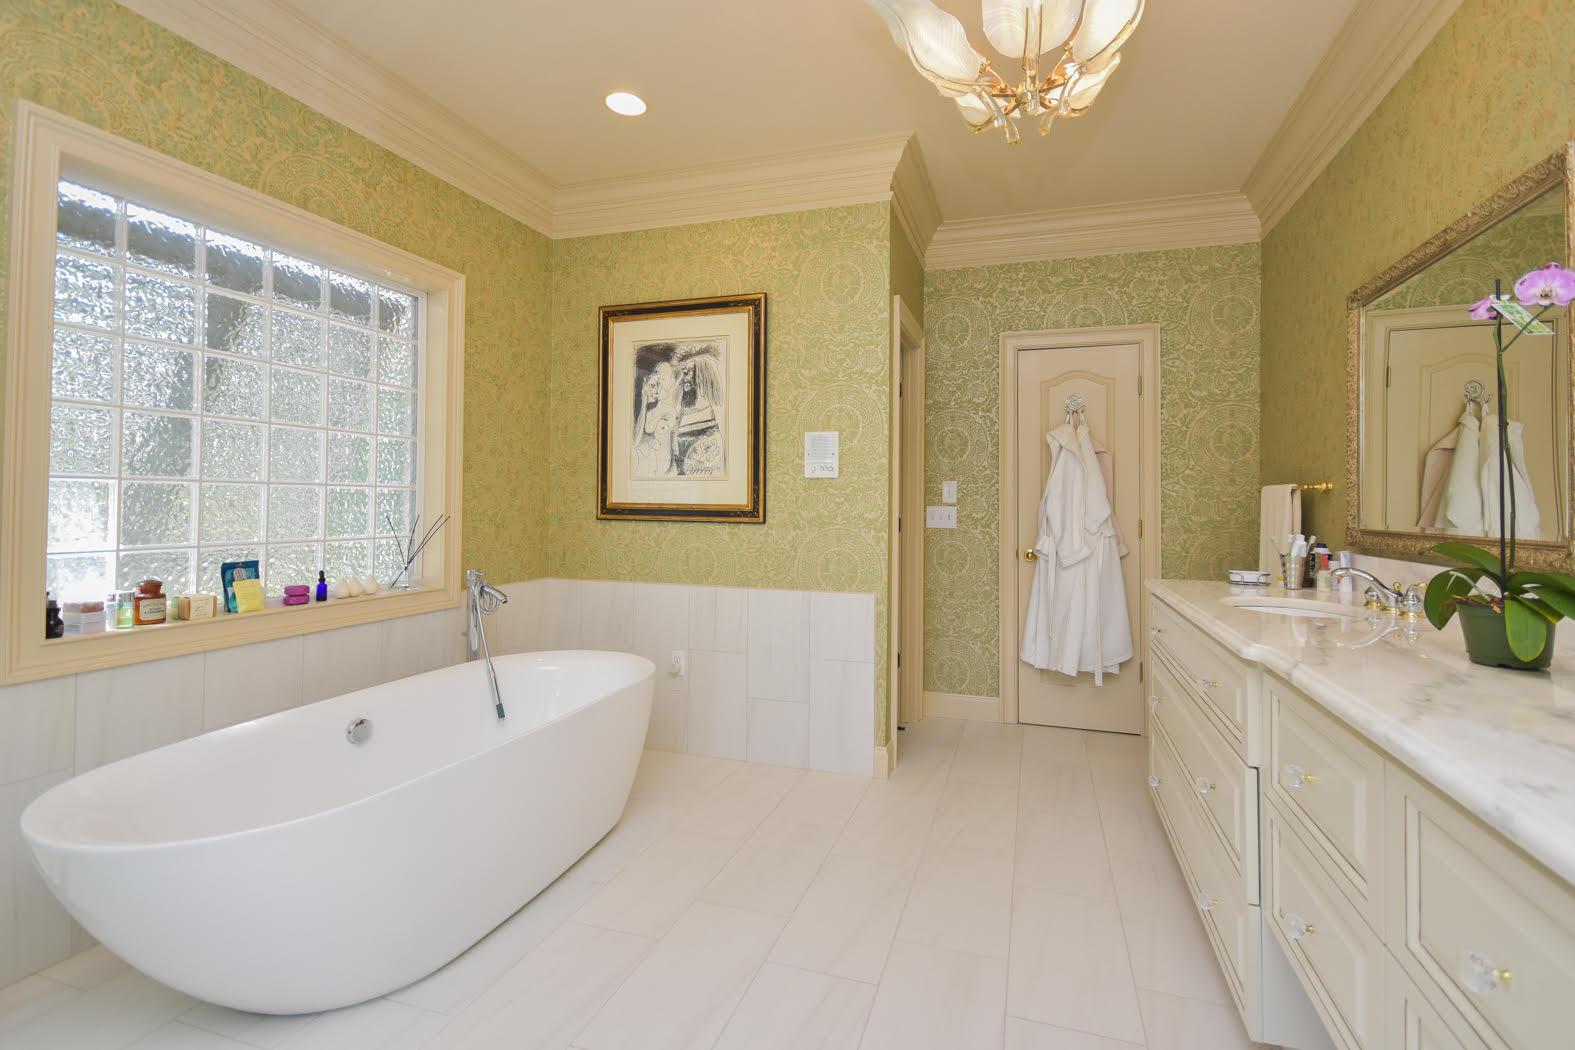 Master_Bathroom_Repair+Remodel2